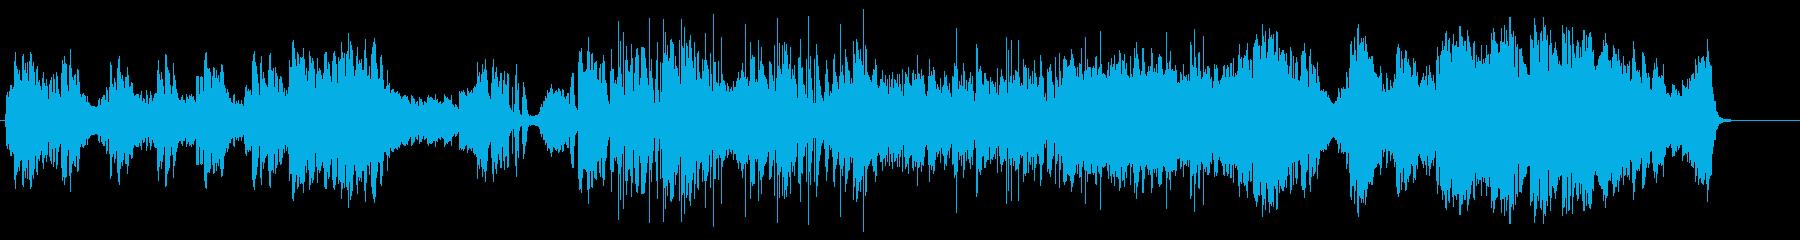 中世RPG村・森の幻想的なBGMの再生済みの波形